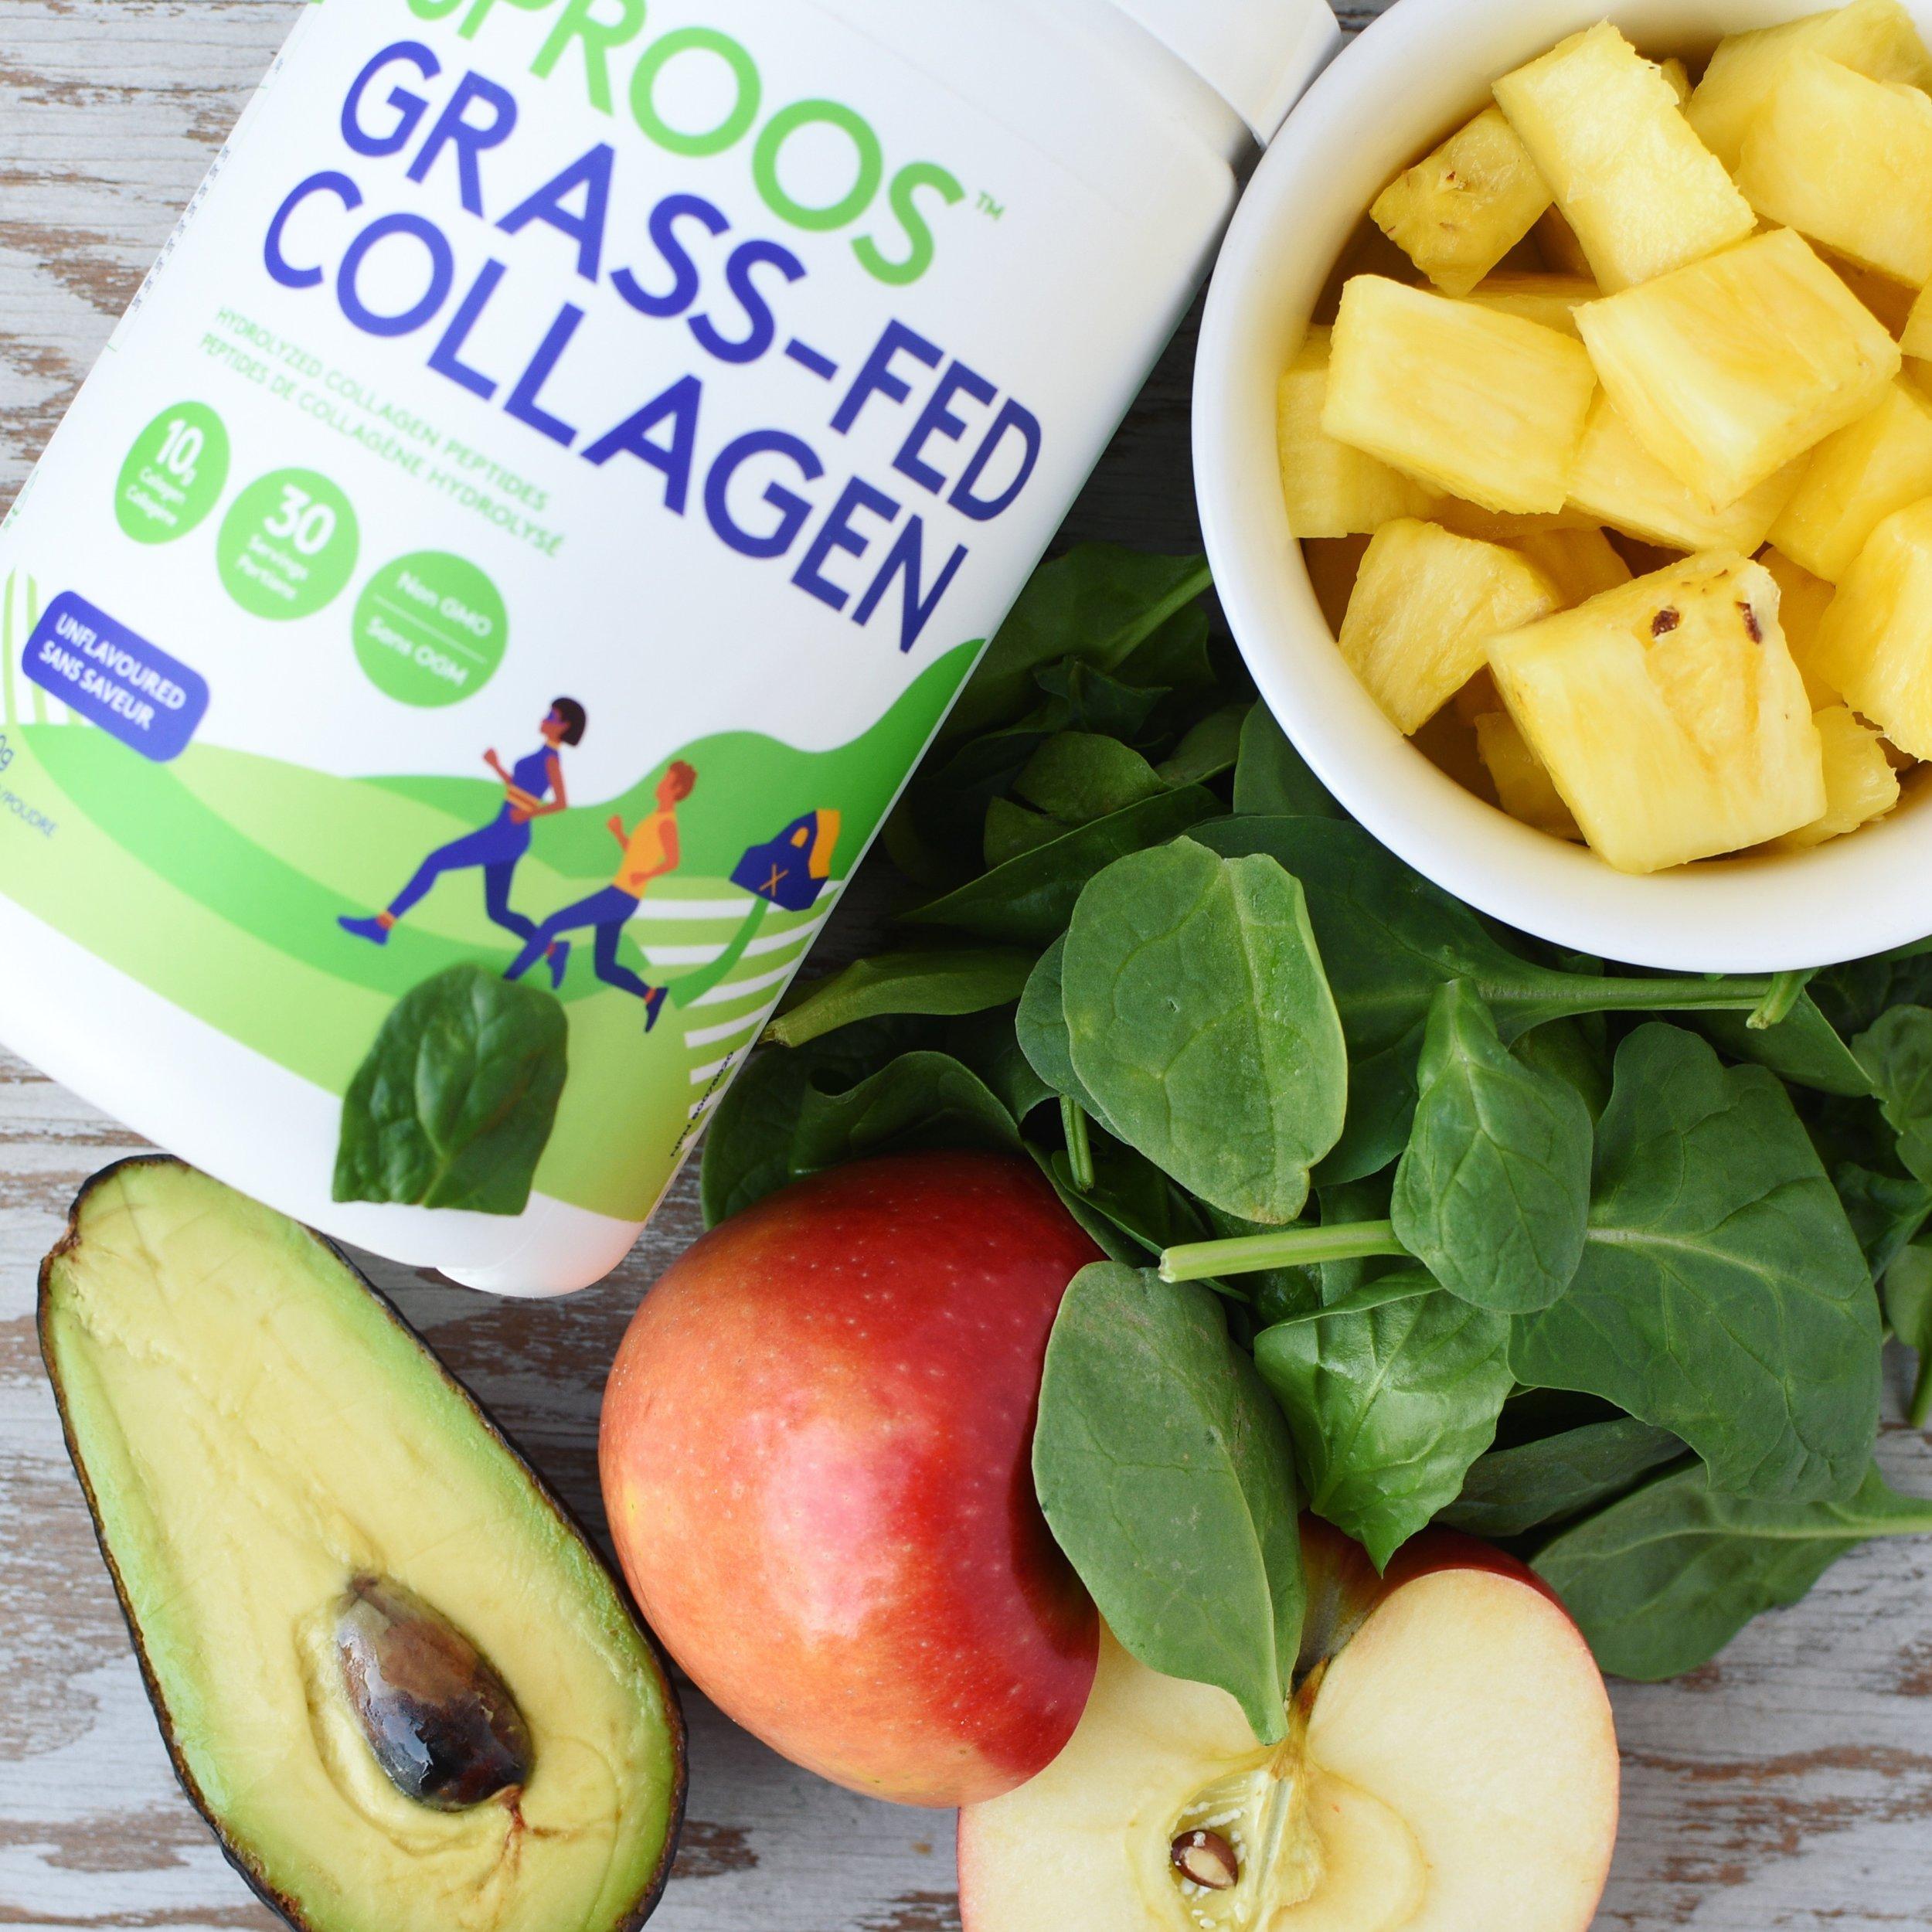 collagen green smoothie ing..jpeg